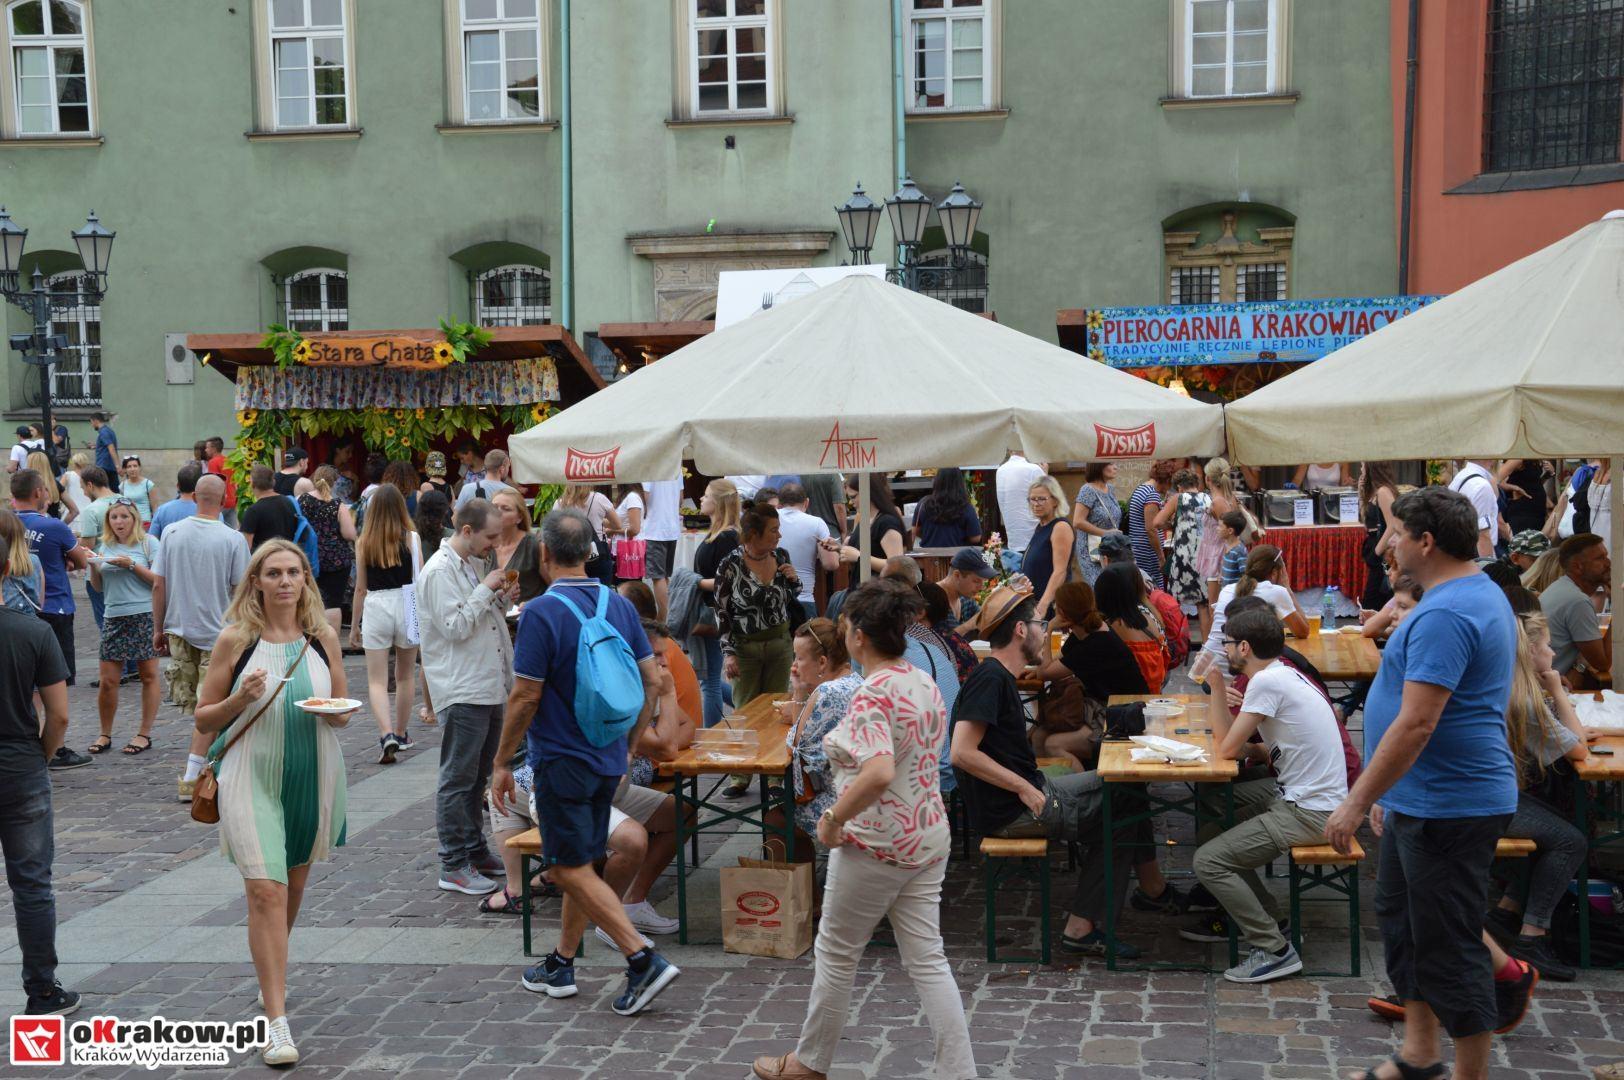 krakow festiwal pierogow maly rynek koncert cheap tobacco 69 150x150 - Galeria zdjęć Festiwal Pierogów Kraków 2018 + zdjęcia z koncertu Cheap Tobacco